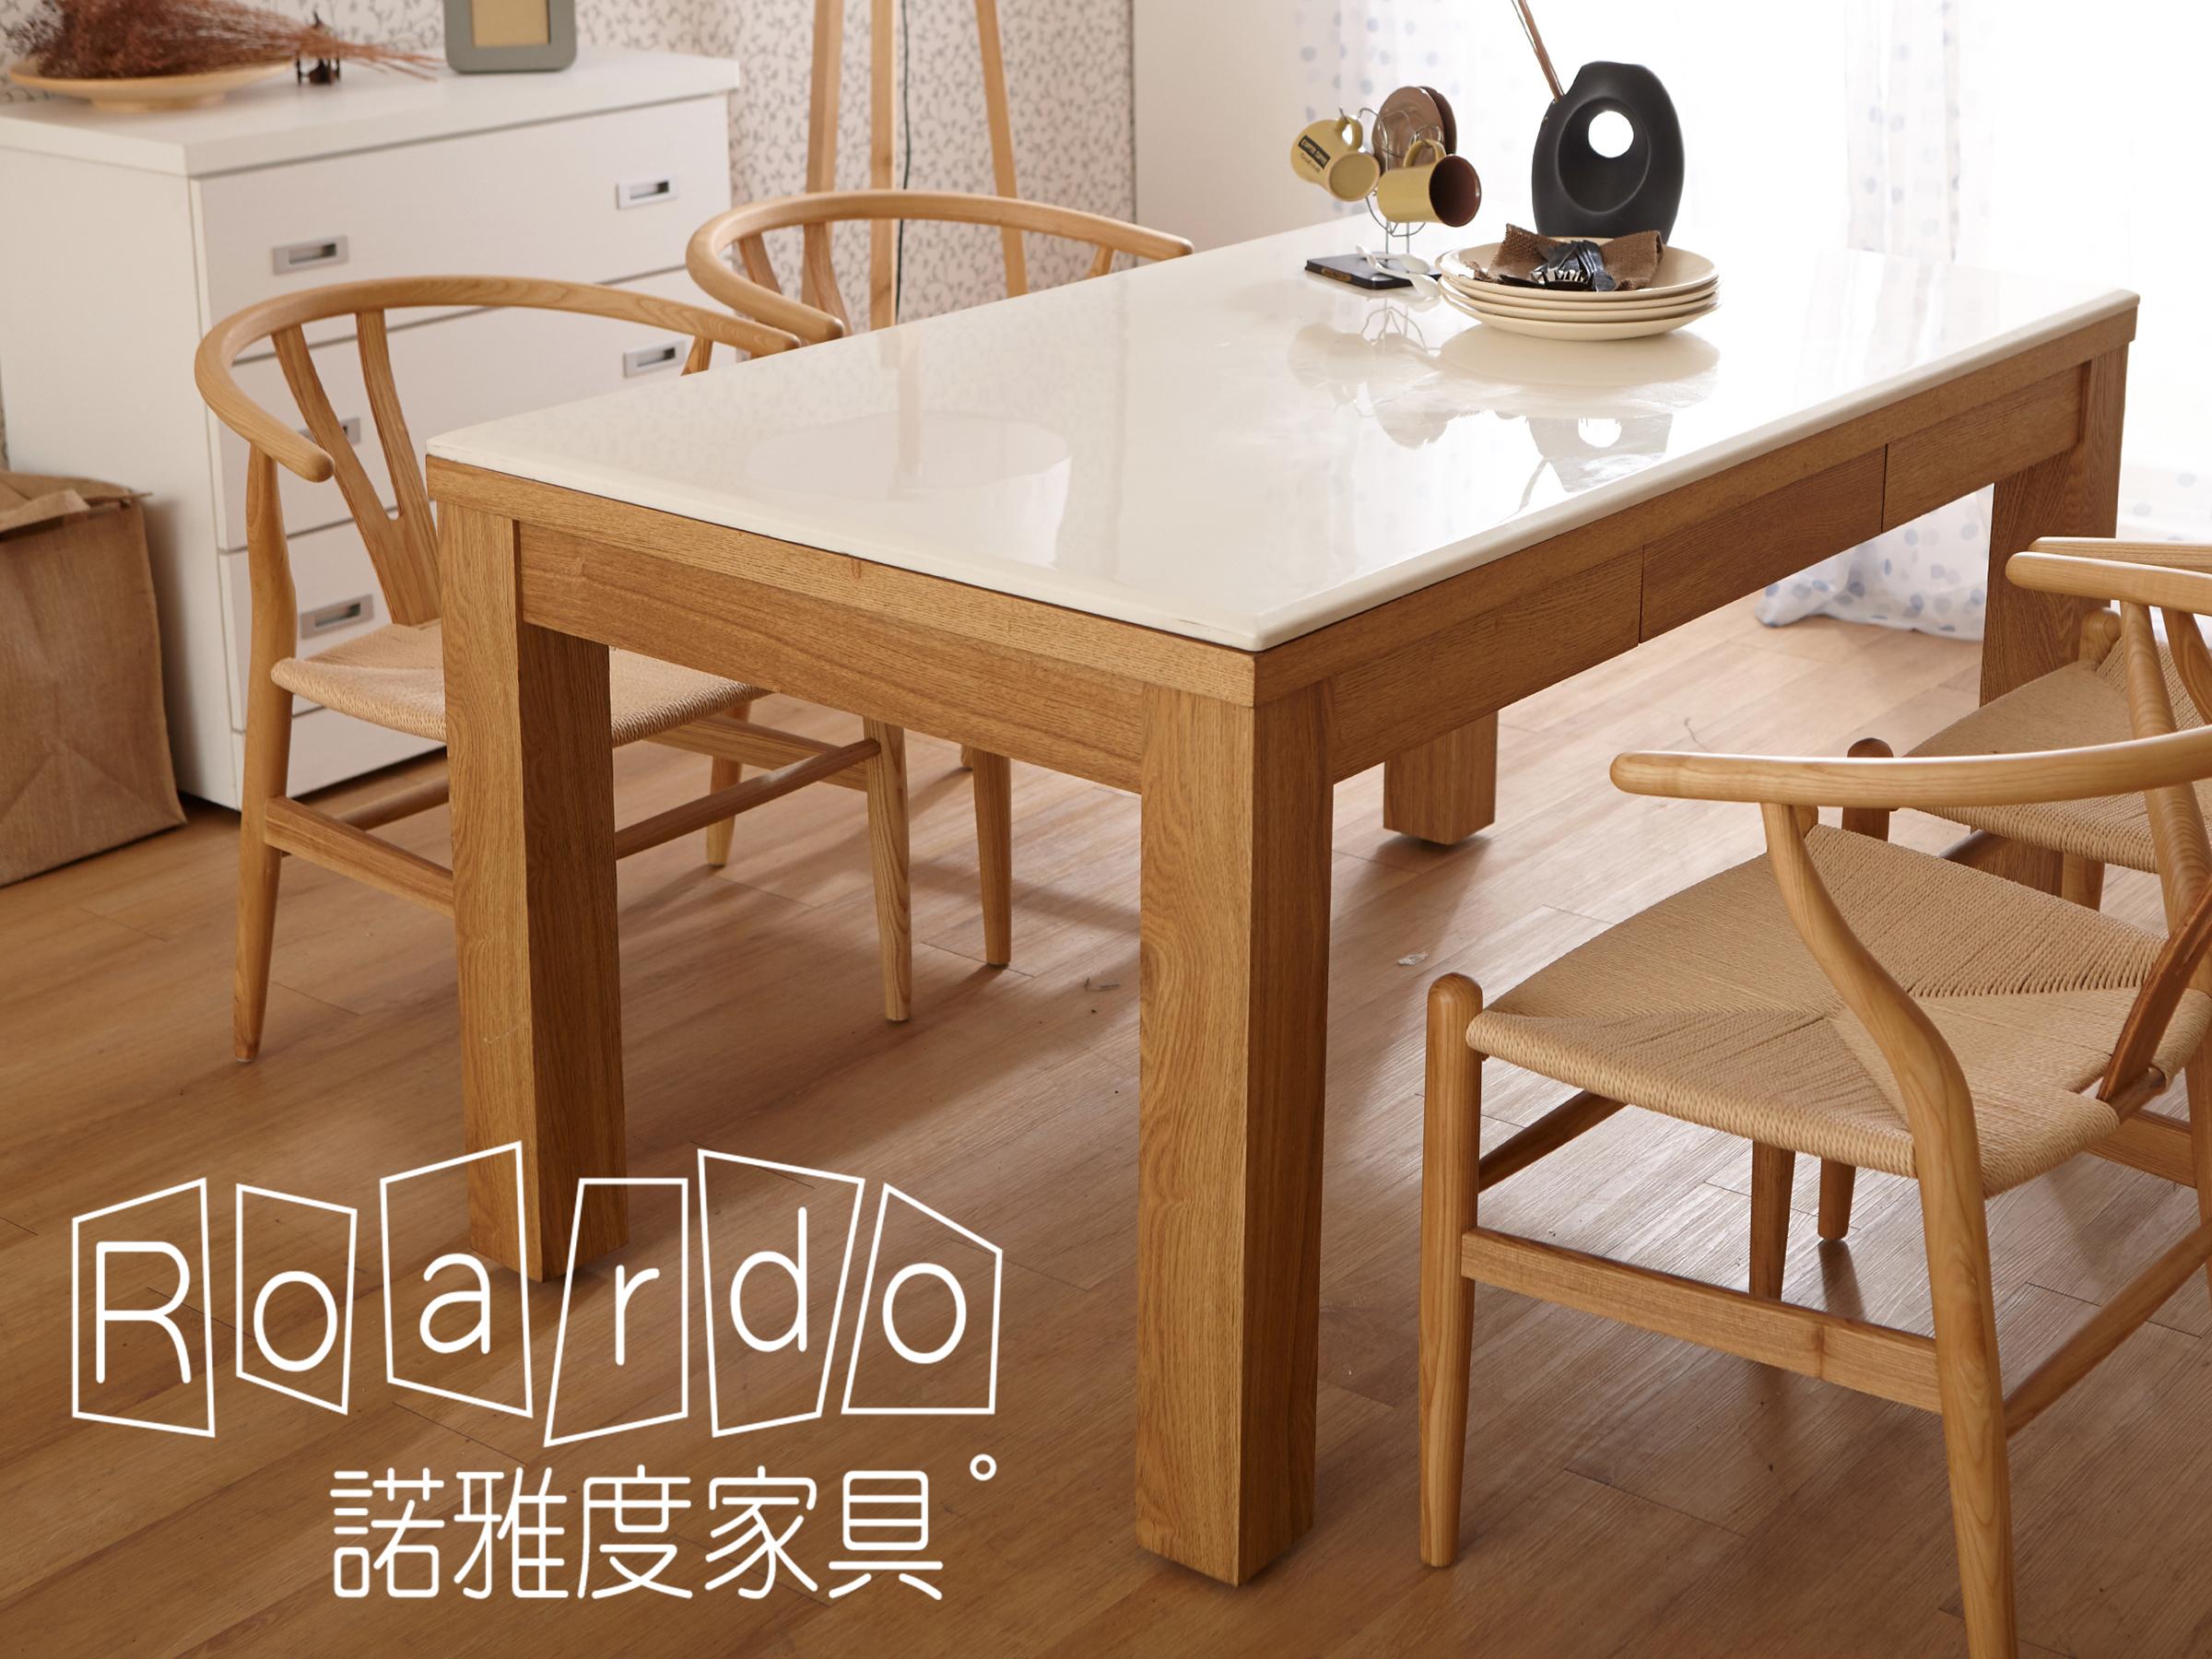 【諾雅度】Clarence克拉倫斯原色石面長方餐桌